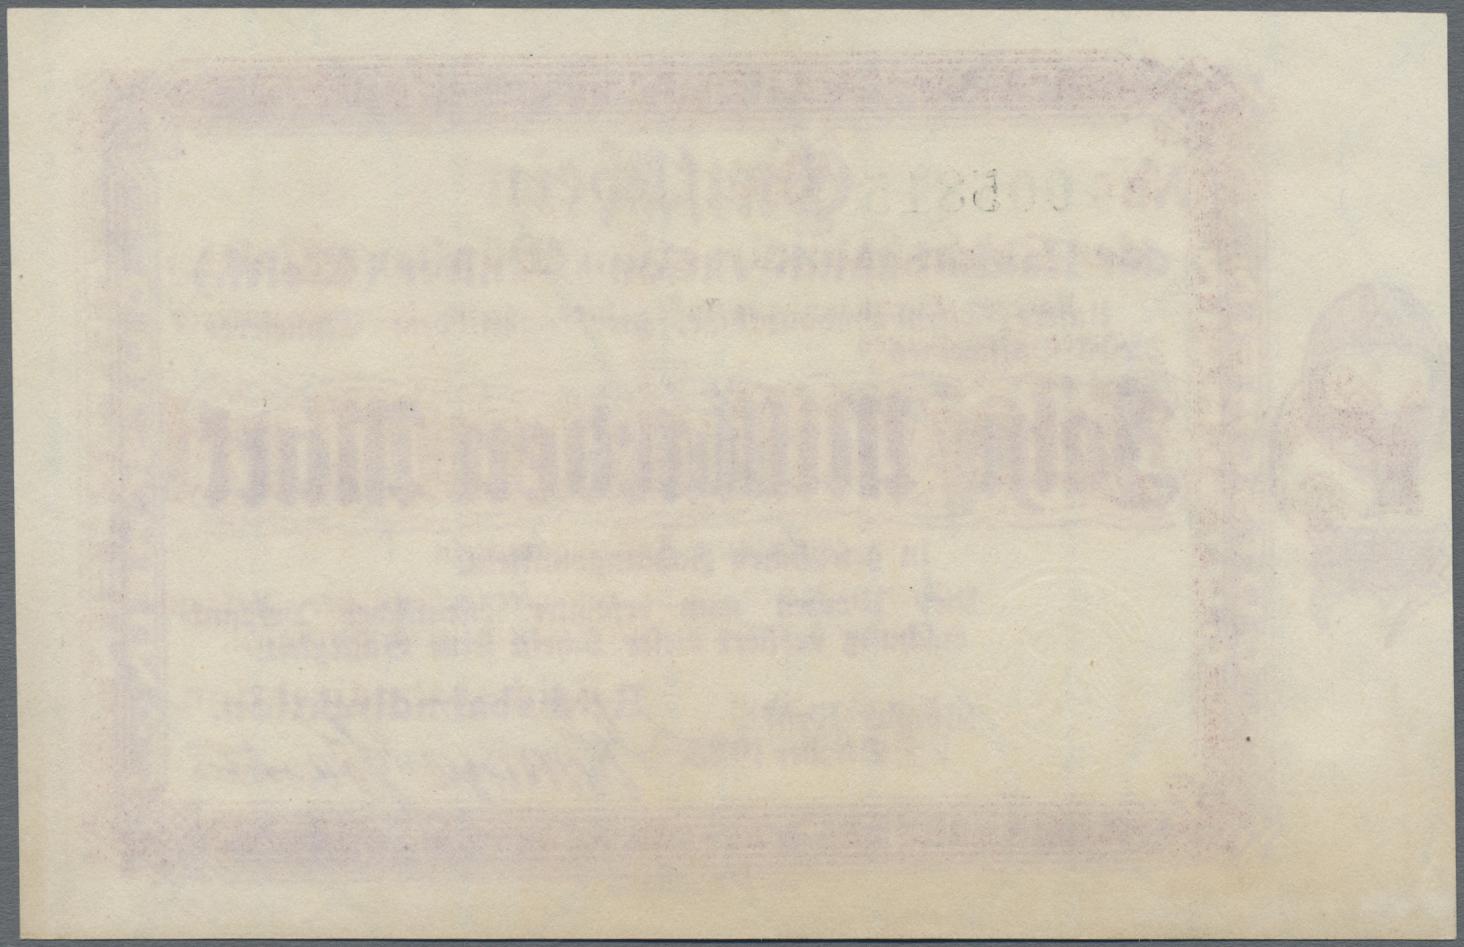 Lot 01409 - Deutschland - Reichsbahn / Reichspost | Banknoten  -  Auktionshaus Christoph Gärtner GmbH & Co. KG Sale #48 The Banknotes